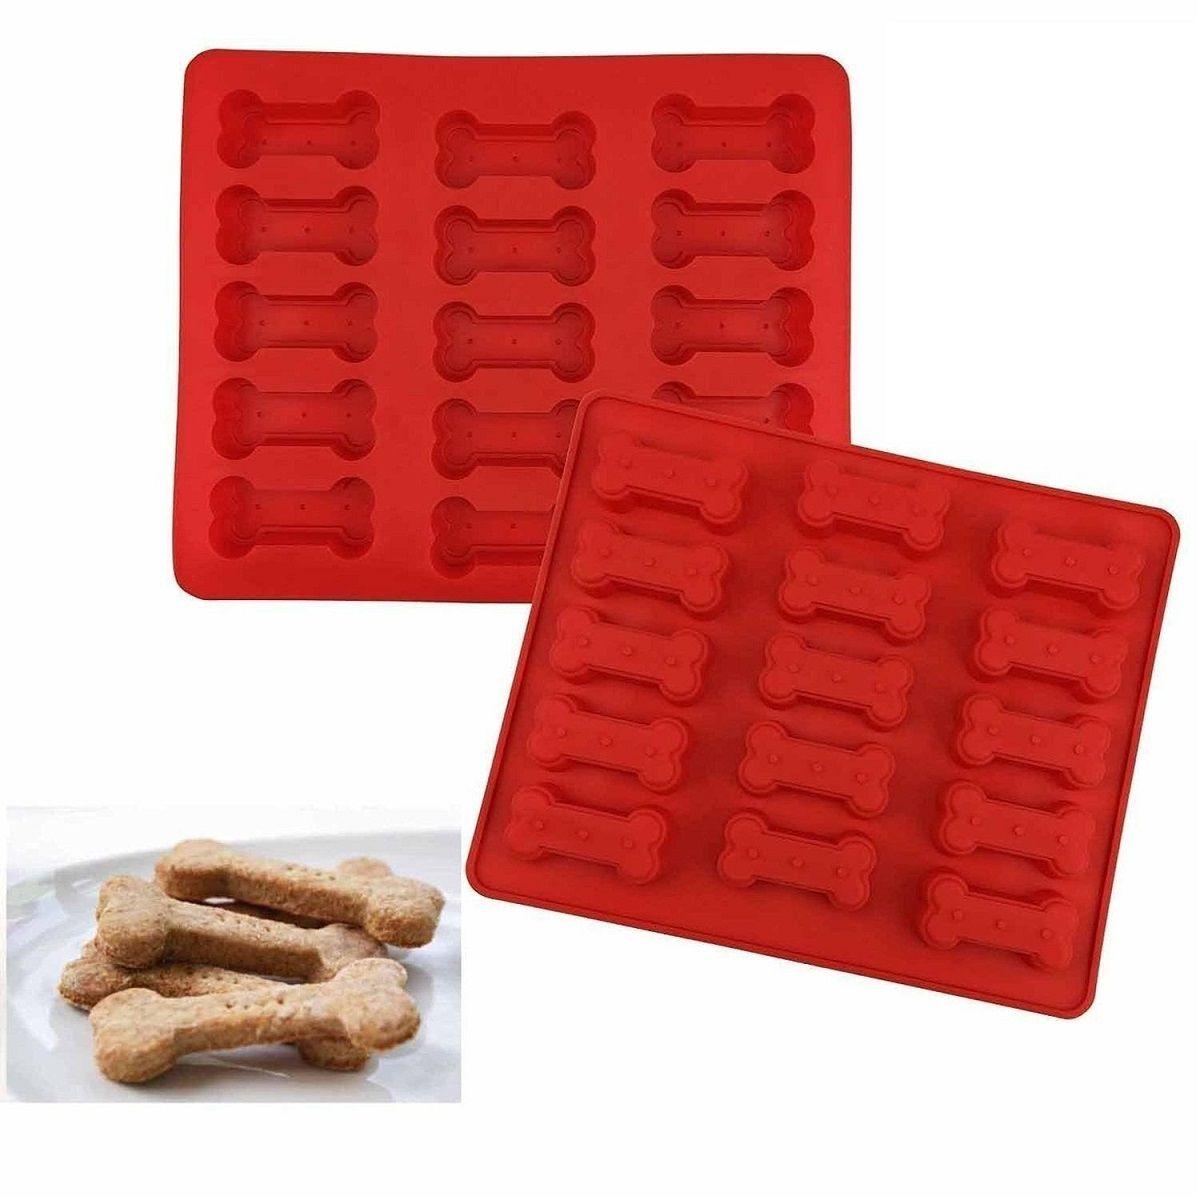 Форма для печенья FidgetGo Косточки, цвет: красный, 15 ячеек, 30,2 х 25,2 х 2,3 см2212345678906Форма в виде косточек отлично подходит для выпечки, производства конфет с использованиемшоколада, желе и льда.Форма для выпечки из силикона - современное решение дляпрактичных и радушных хозяек.Преимущества формы для выпечки:- блюдо сохраняет нужную форму и легко отделяется от стенок после приготовления;- высокая термостойкость (от -40 до 230°C) позволяет применять форму в духовых шкафах иморозильных камерах;- небольшая масса делает эксплуатацию предмета простой даже для хрупкой женщины;- силикон пригоден для посудомоечных машин;- высокопрочный материал делает форму долговечным инструментом;- при хранении предмет занимает мало места.